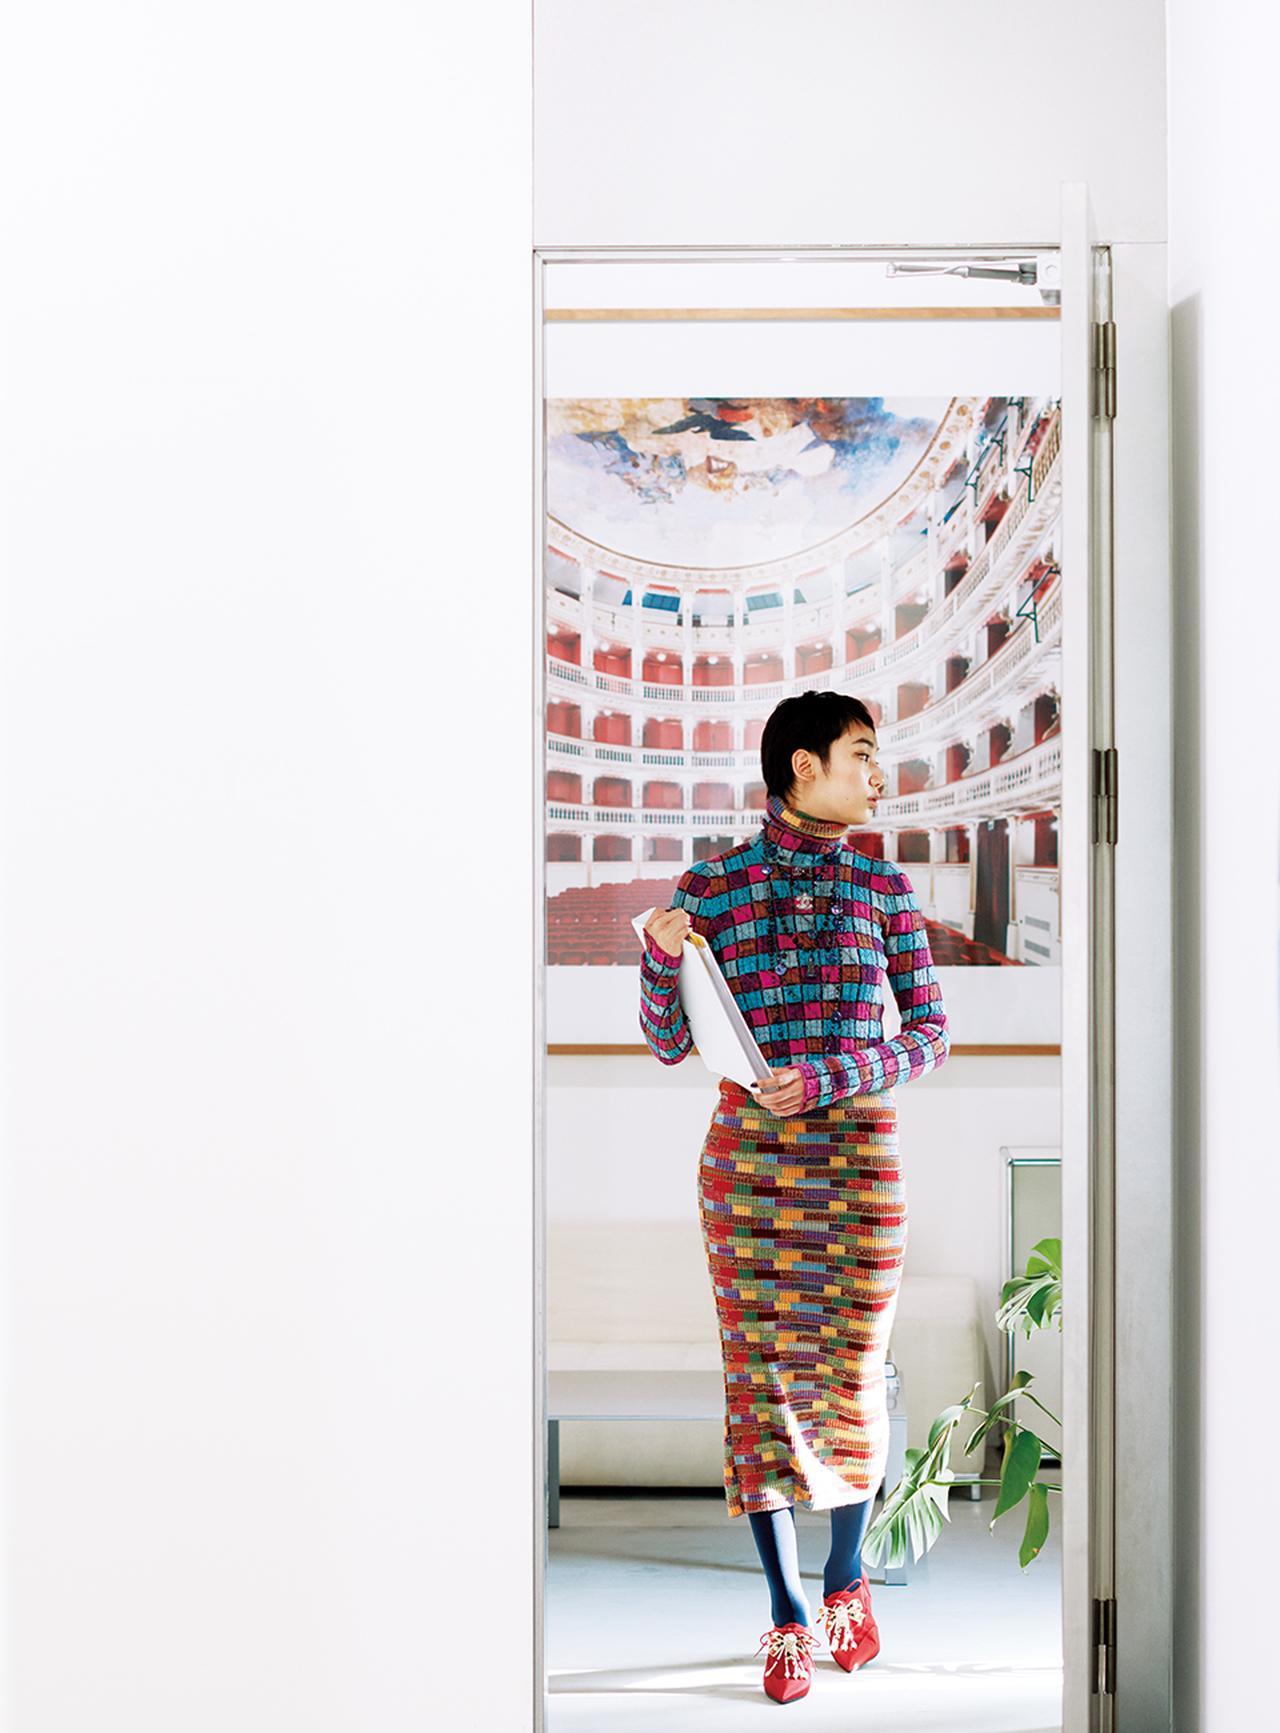 Images : 3番目の画像 - 「ギャラリストに扮して 東京アートクルーズ」のアルバム - T JAPAN:The New York Times Style Magazine 公式サイト